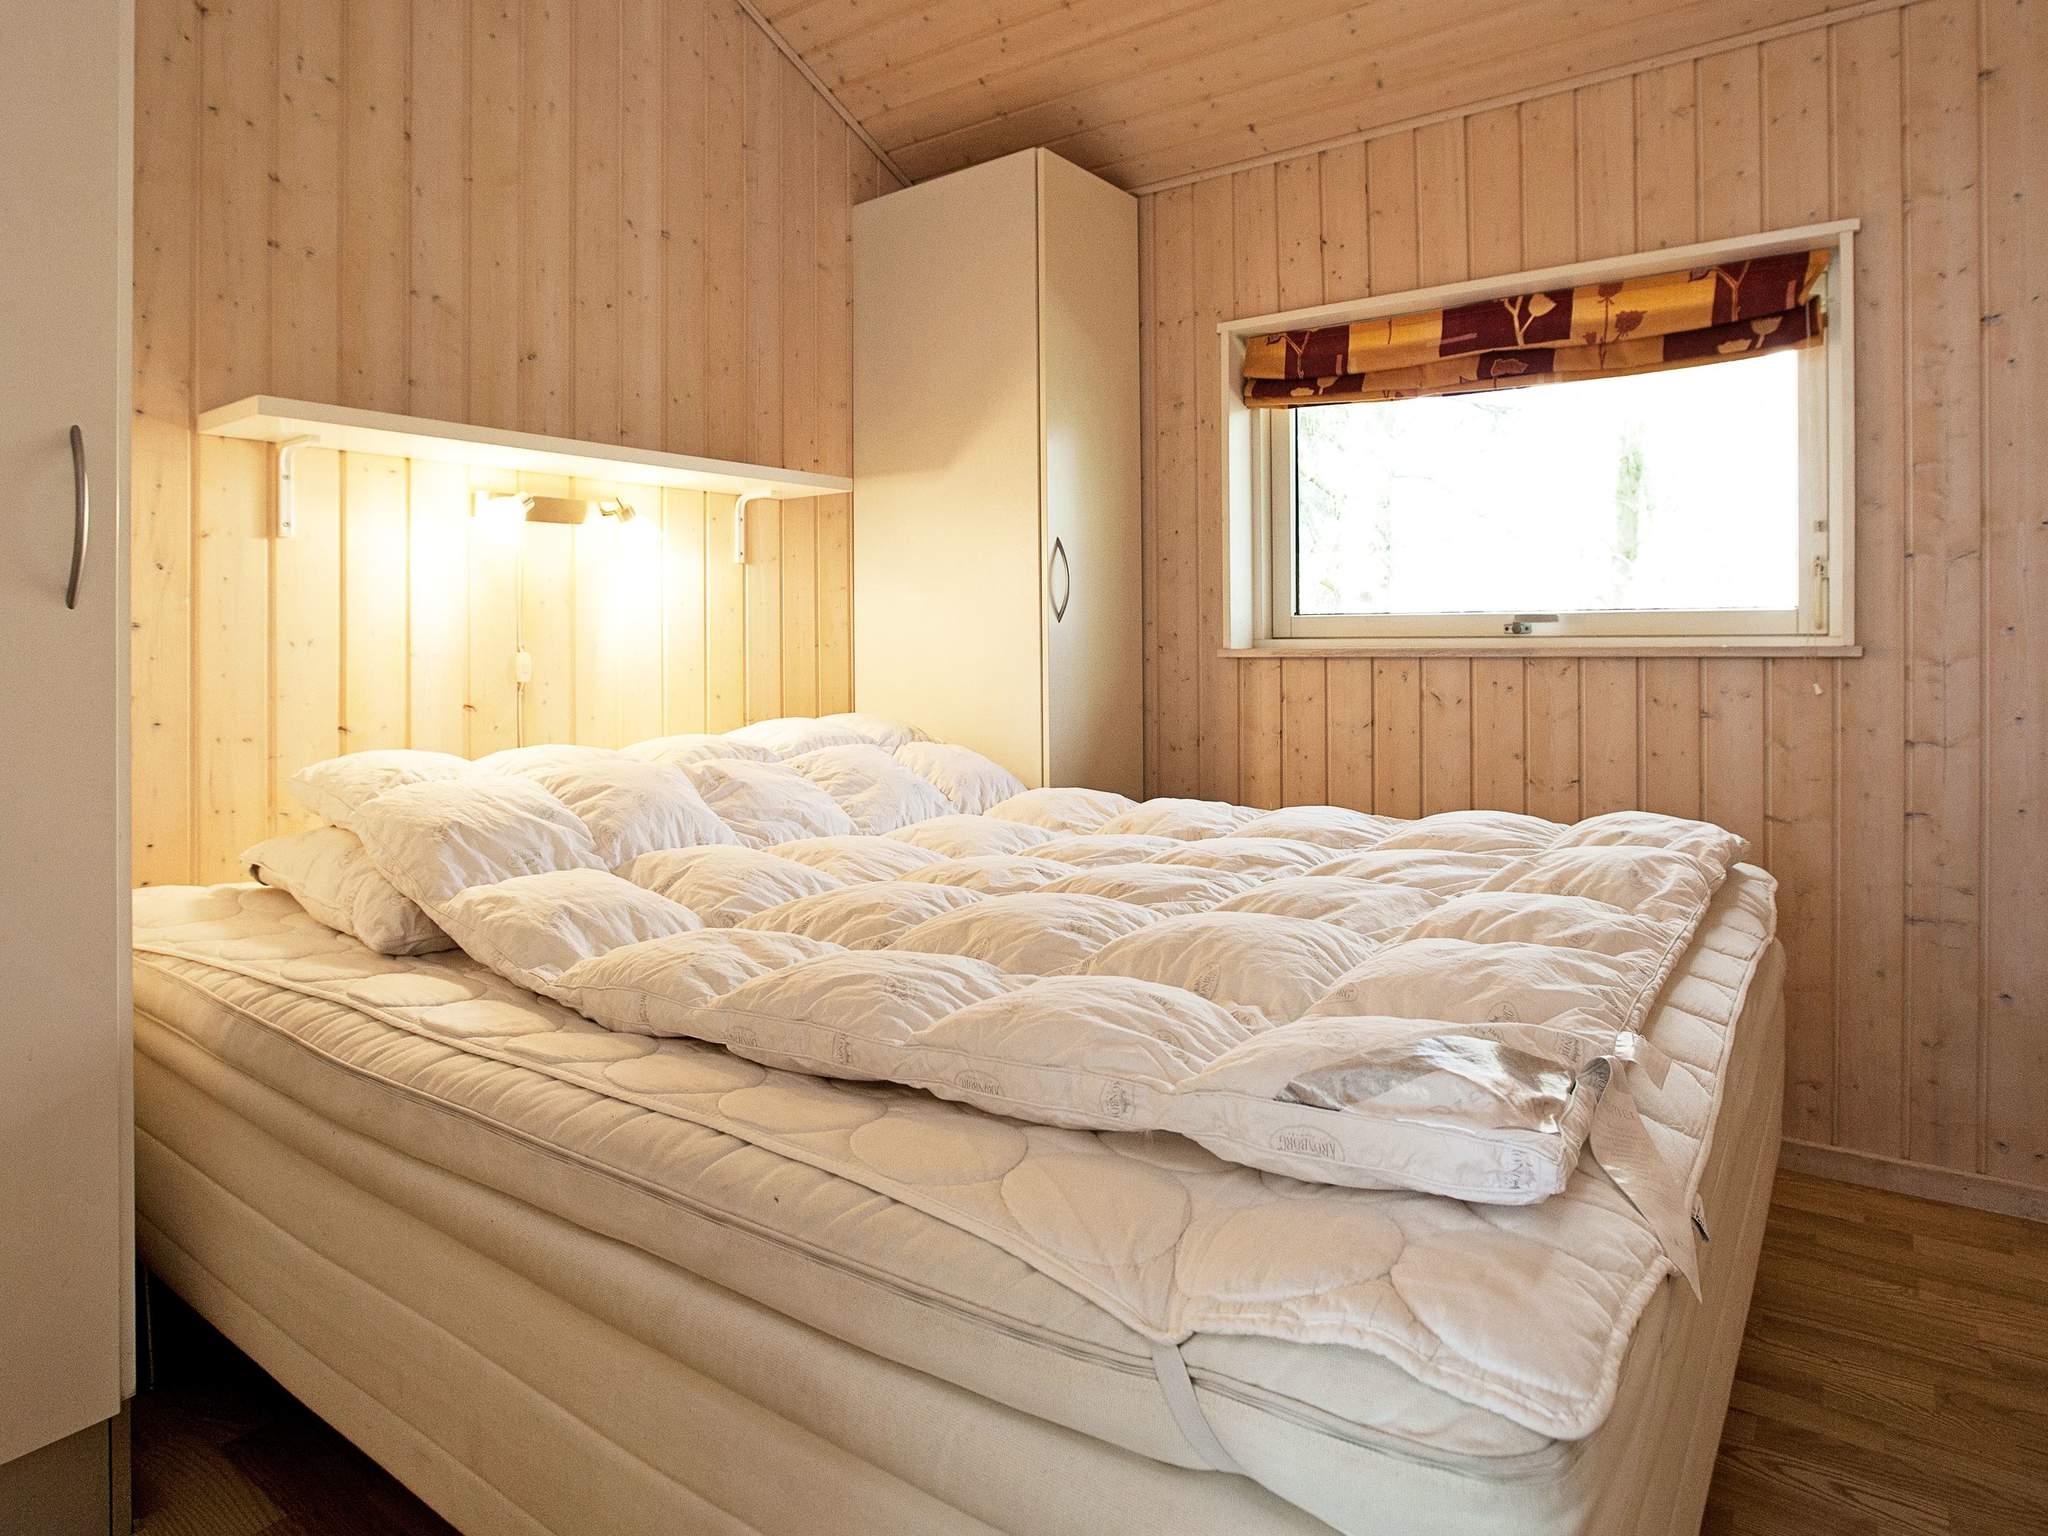 Ferienhaus Bjerge Strand (208413), Gørlev, , Westseeland, Dänemark, Bild 11